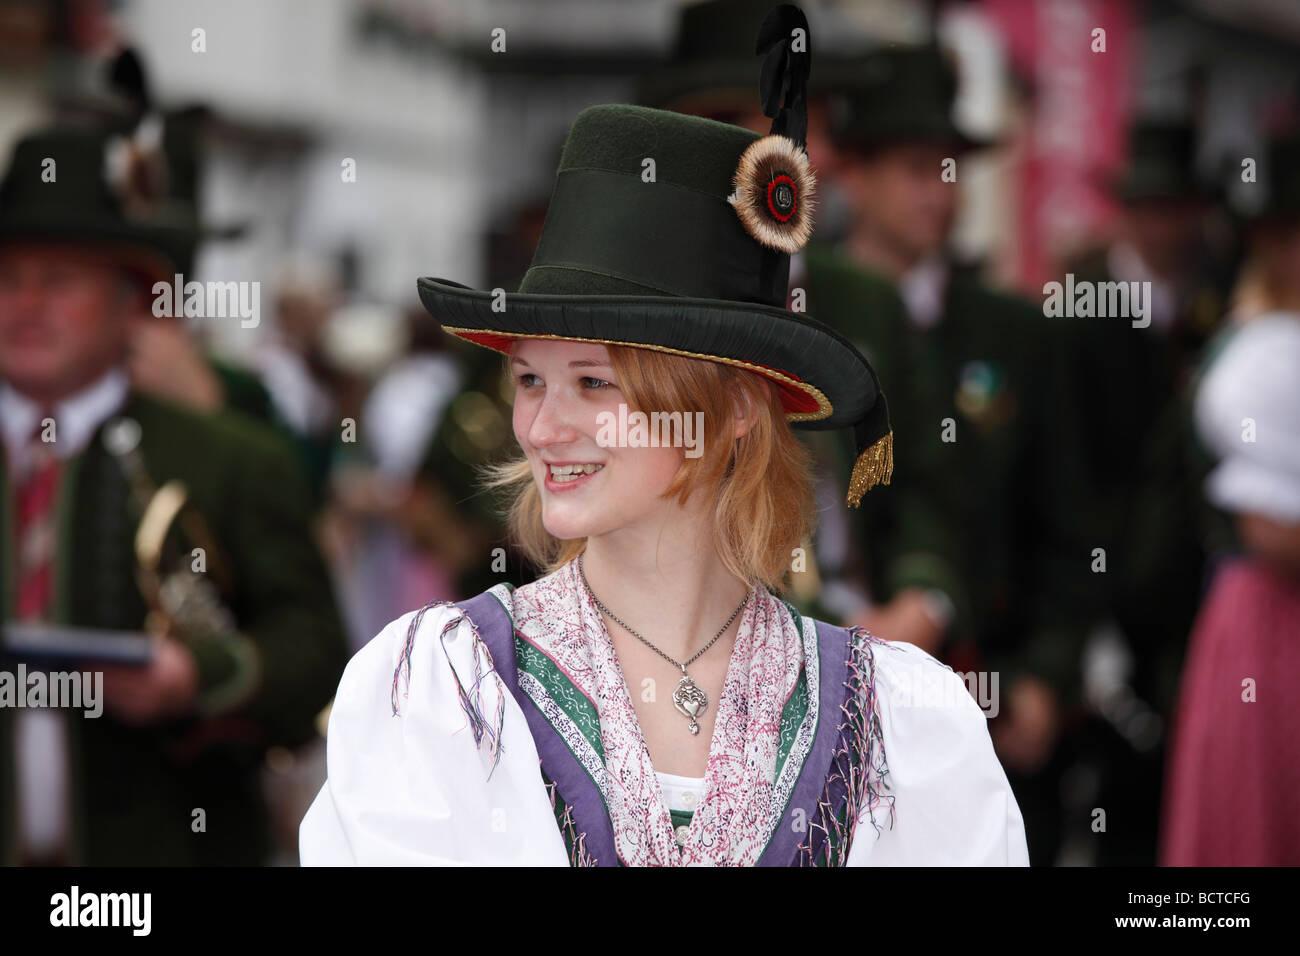 Junge Frau in Tracht, Narzissenfest Narcissus-Festival in Bad Aussee, Ausseer Land, Salzkammergut Bereich, Steiermark, Stockbild